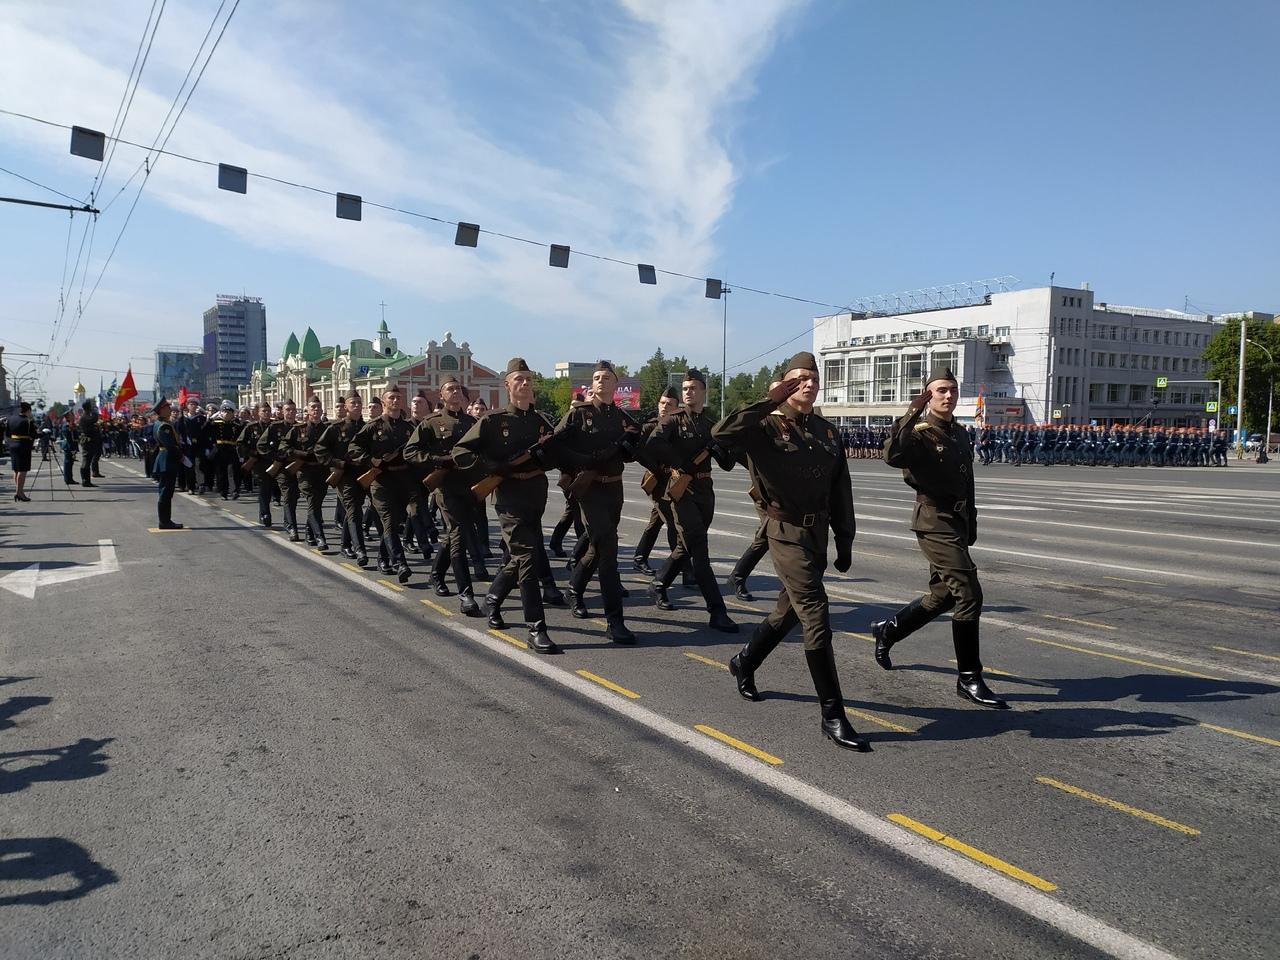 Фото Парад Победы в Новосибирске: лучшие кадры с закрытой для зрителей площади Ленина 11